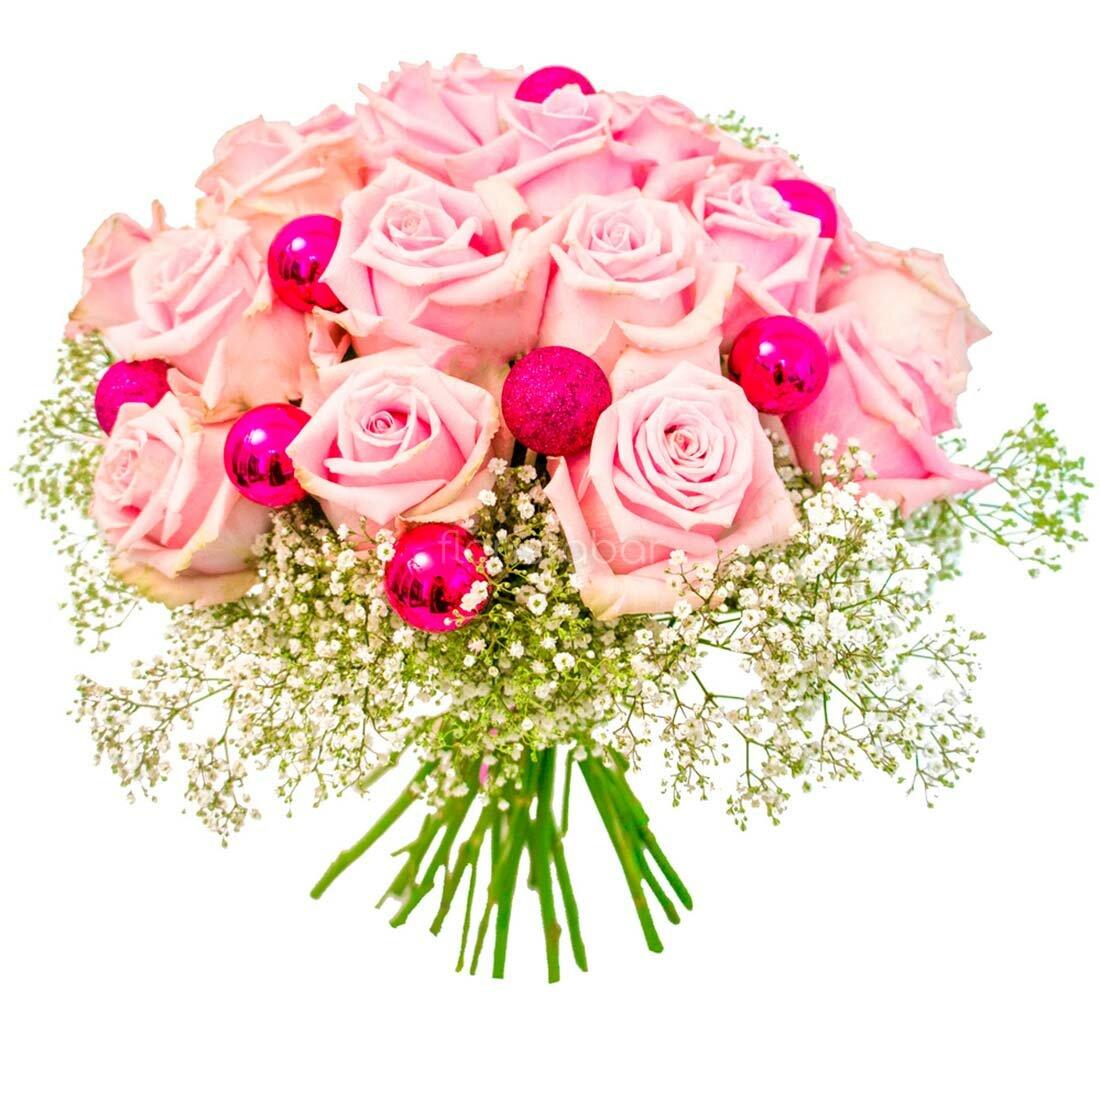 Картинки для девушки цветы